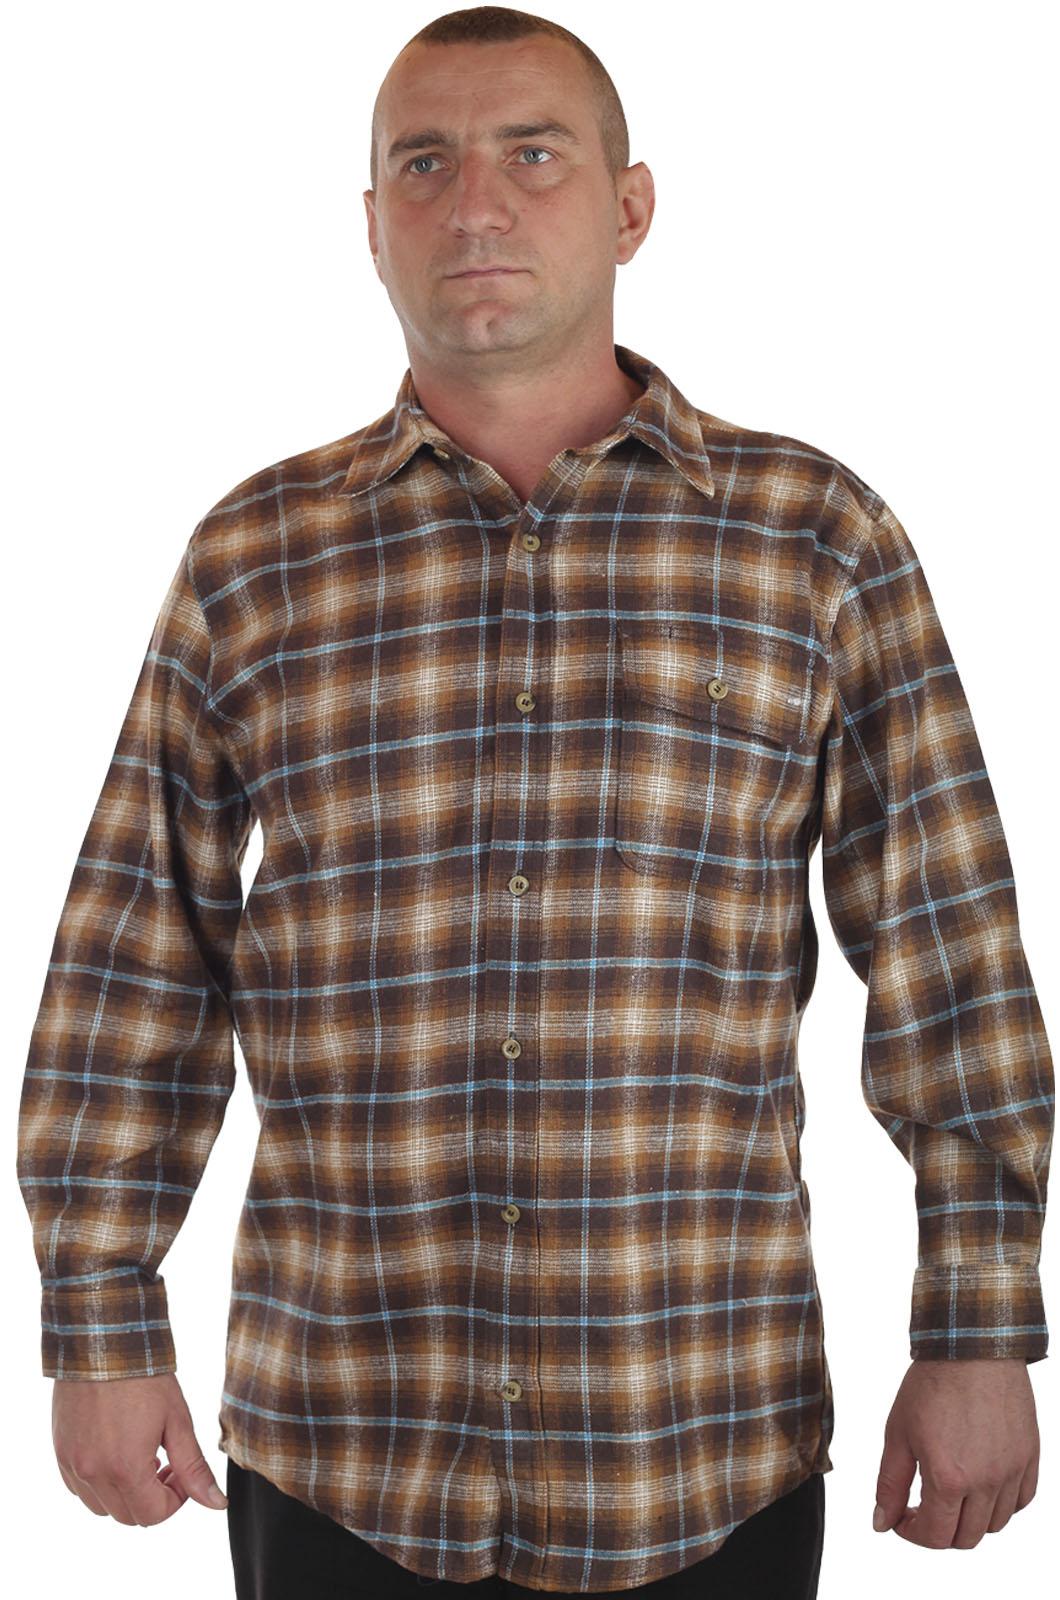 Недорогие мужские рубашки продаются в интернет магазине Военпро